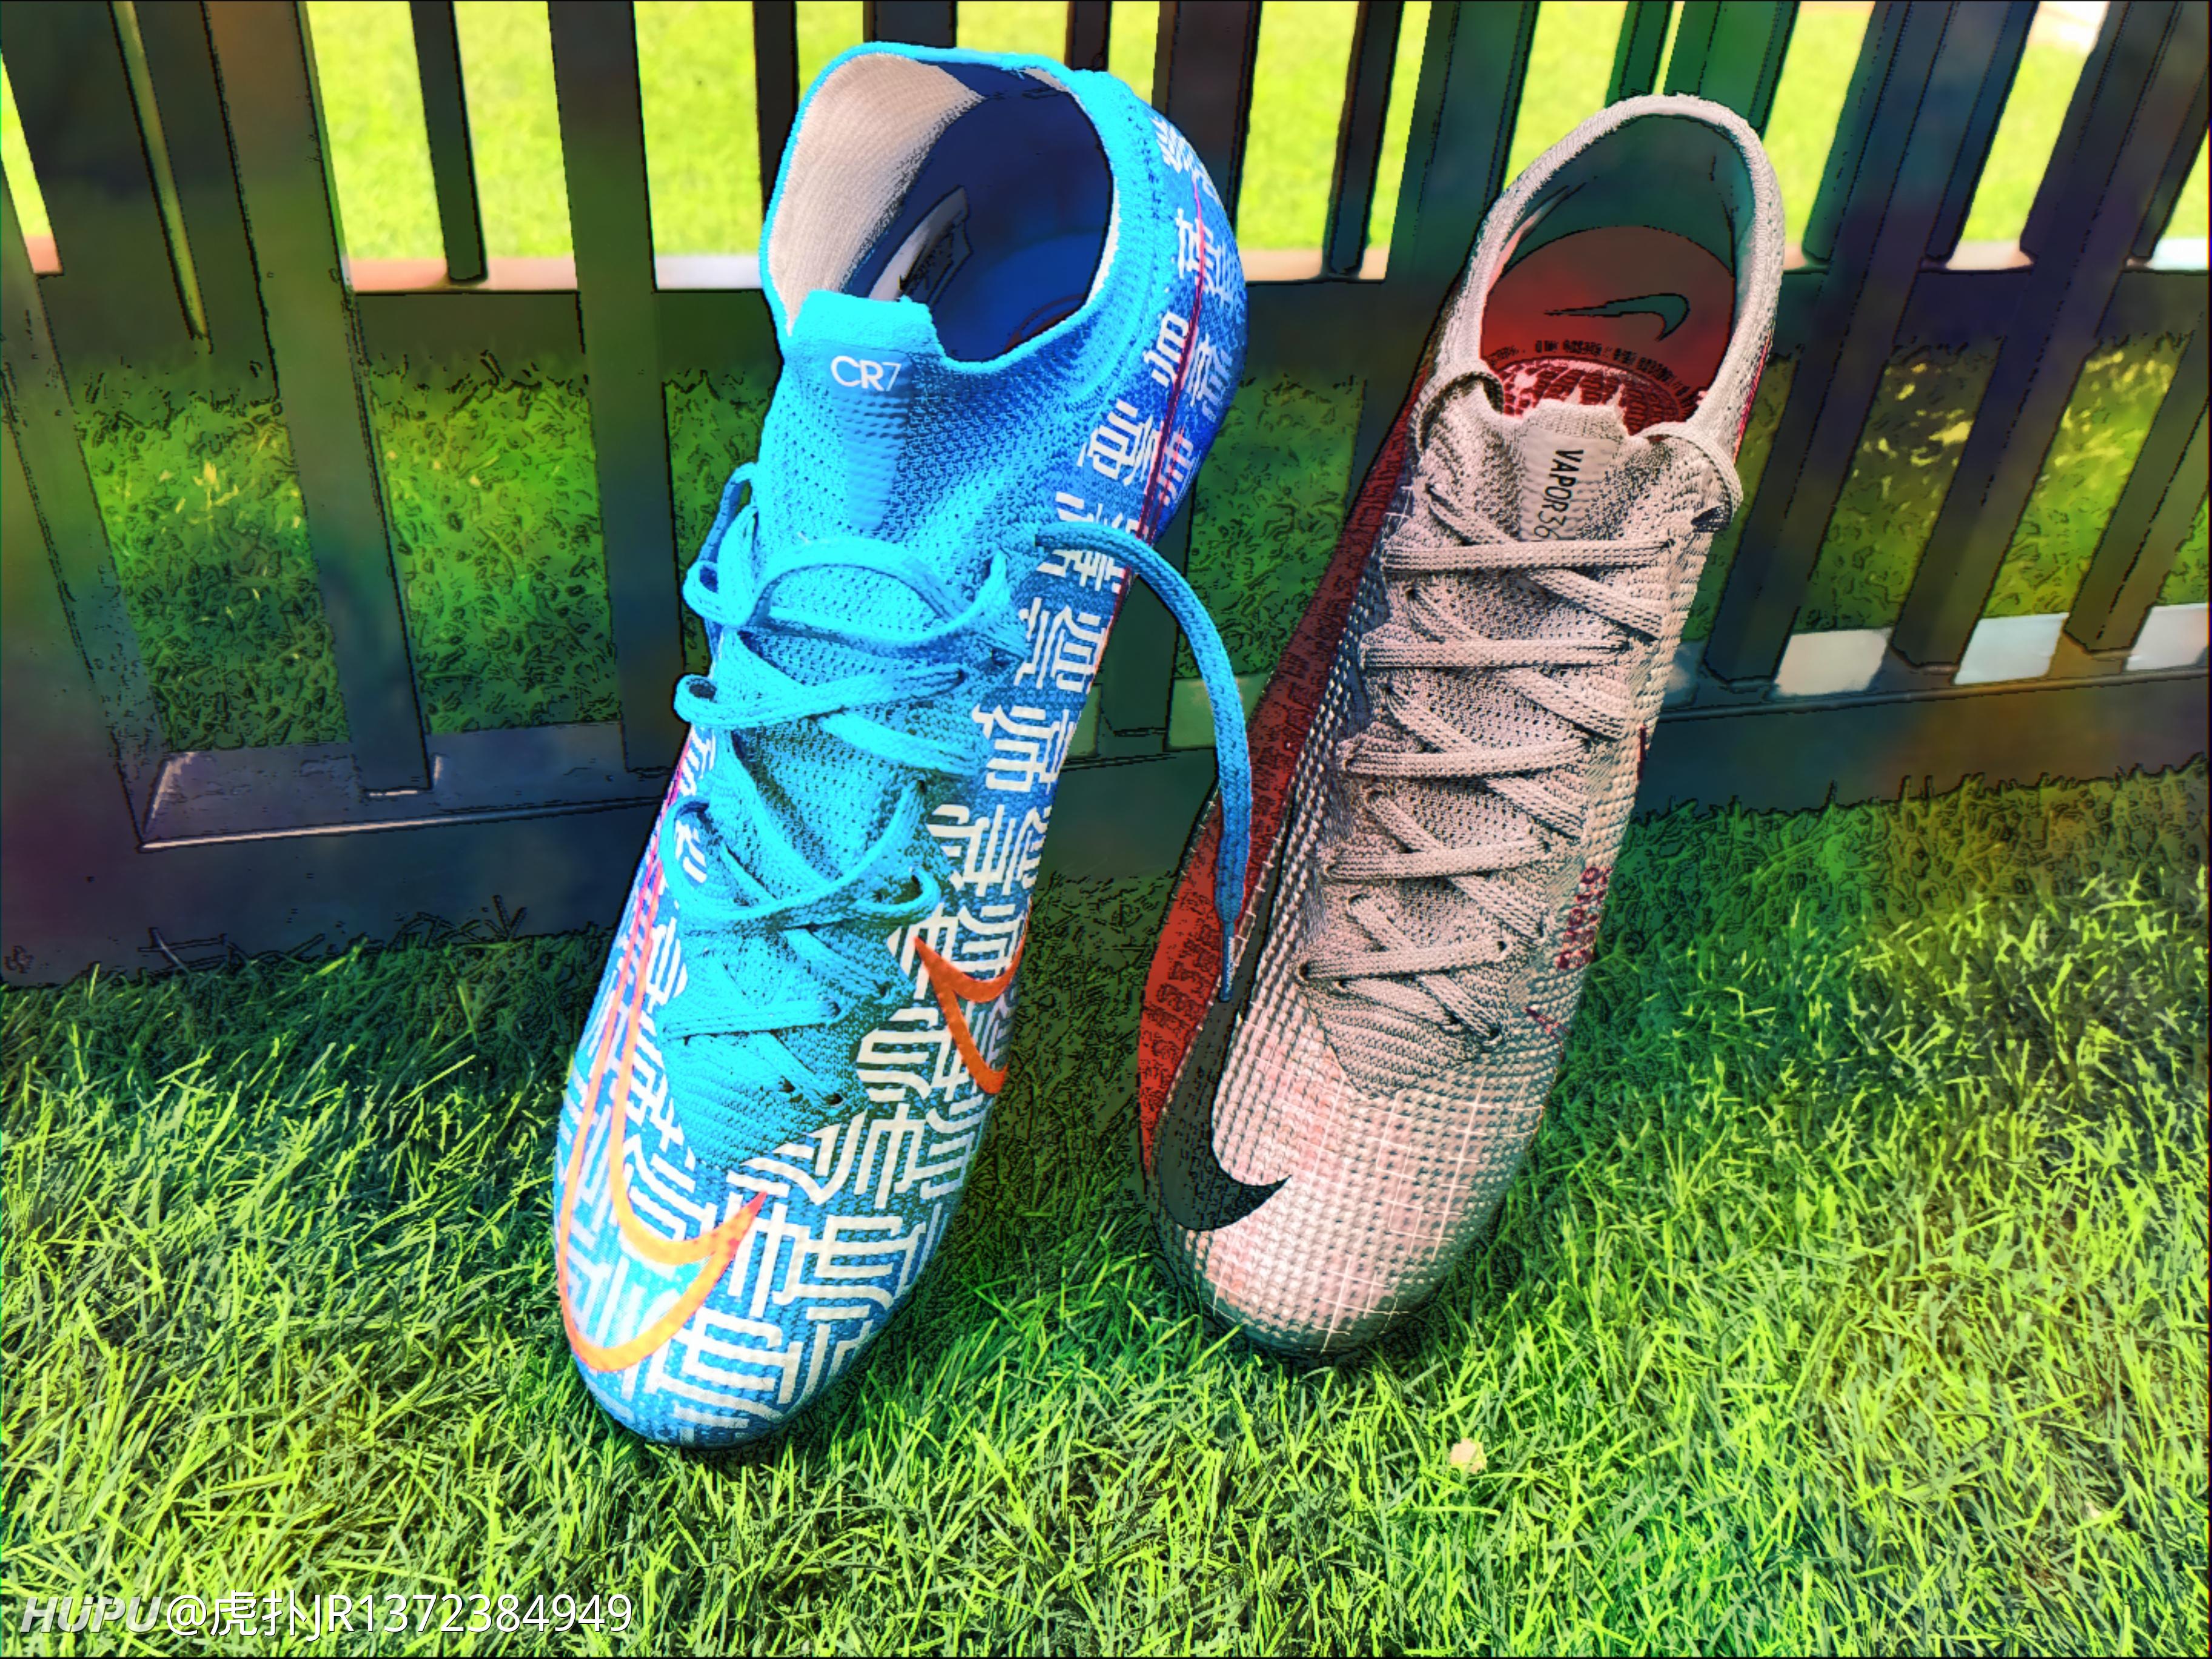 刺客旗下的Vapor和Superfly的区别和穿着感受  足球话题区